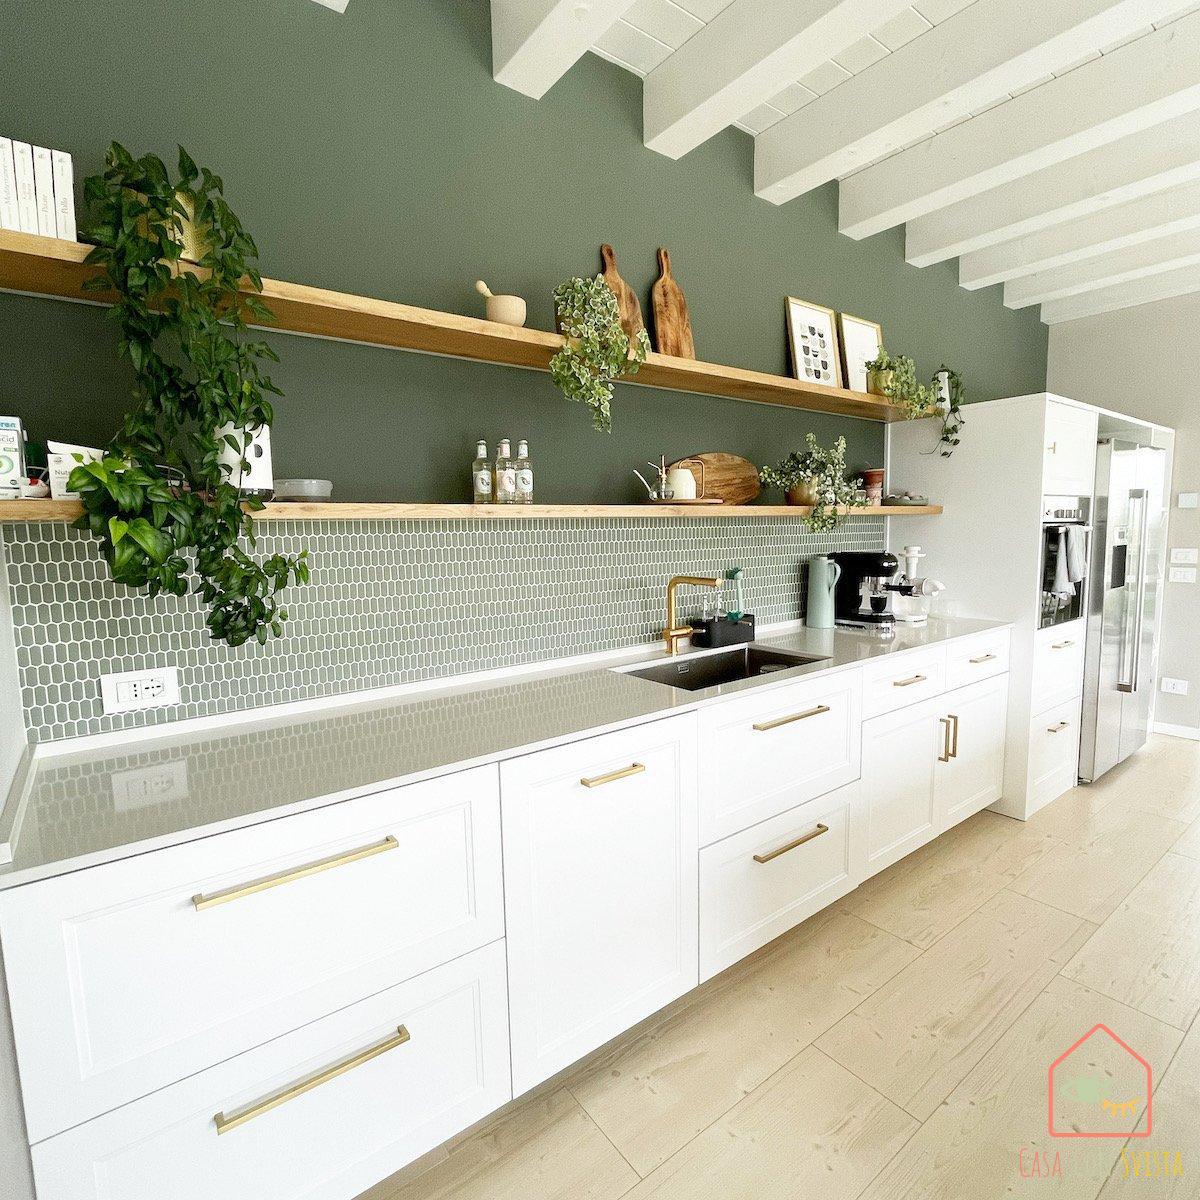 cucina-casa-verde-salvia